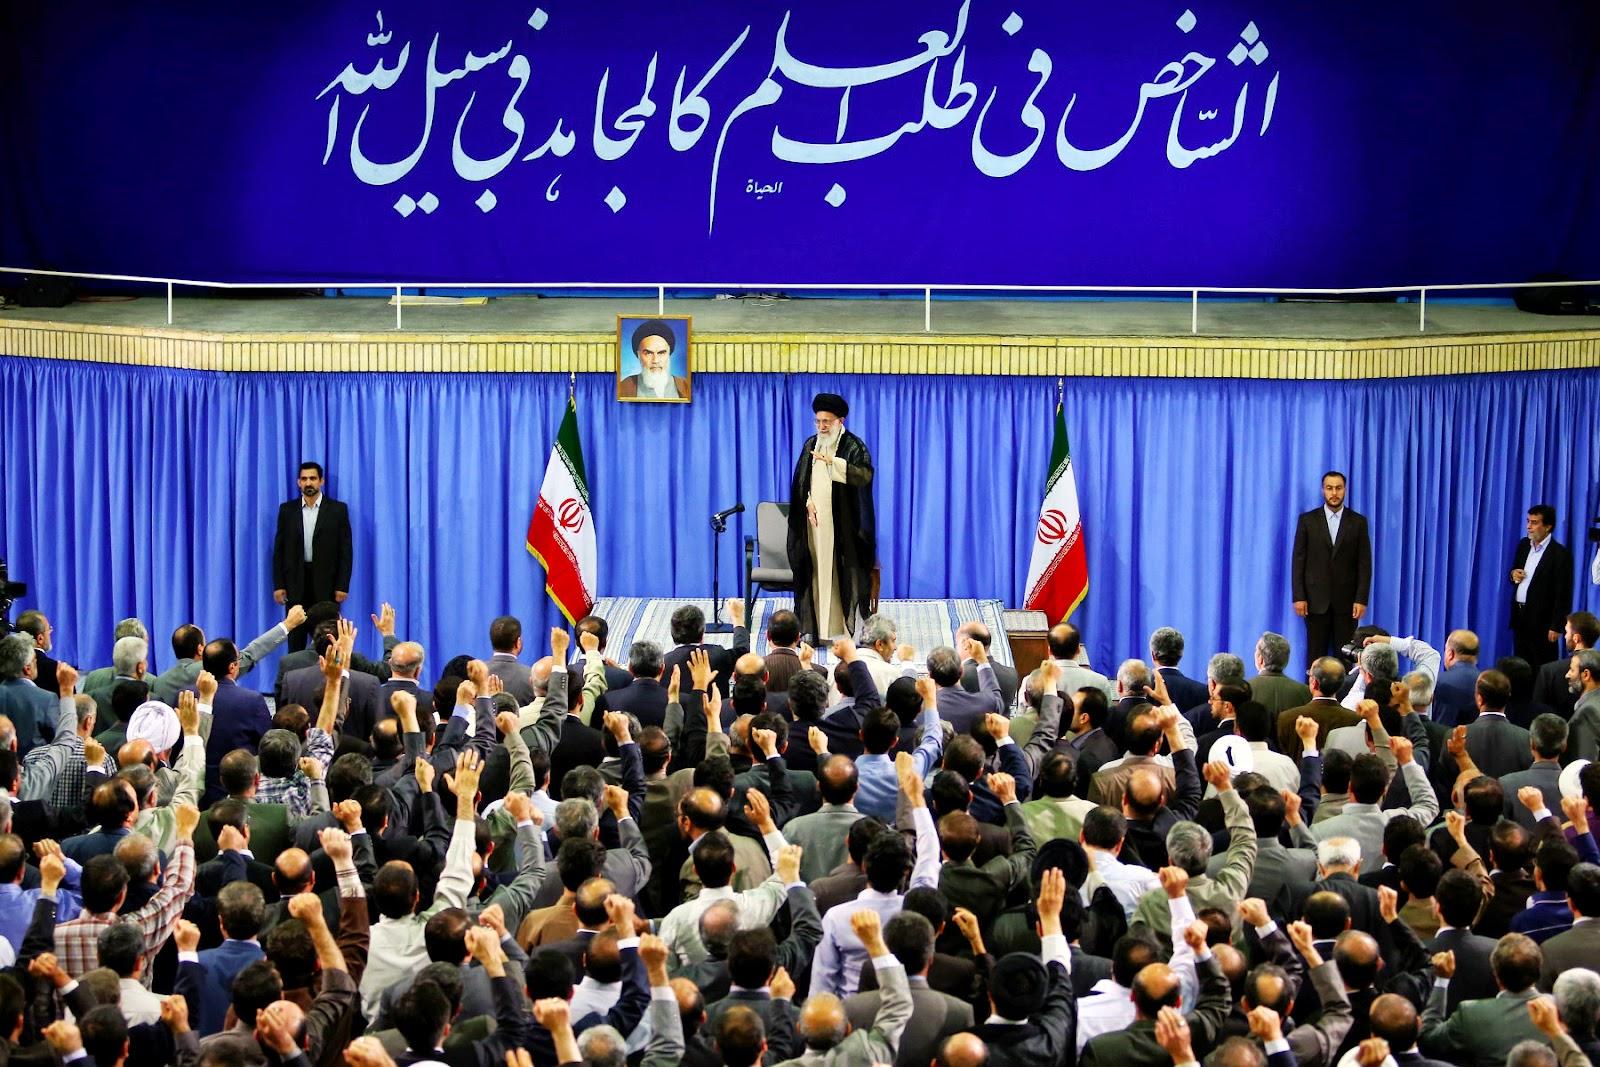 پیشرفت علمی زمینه ساز اقتدار اقتصادی و سیاسی ایران   امام خامنه ای